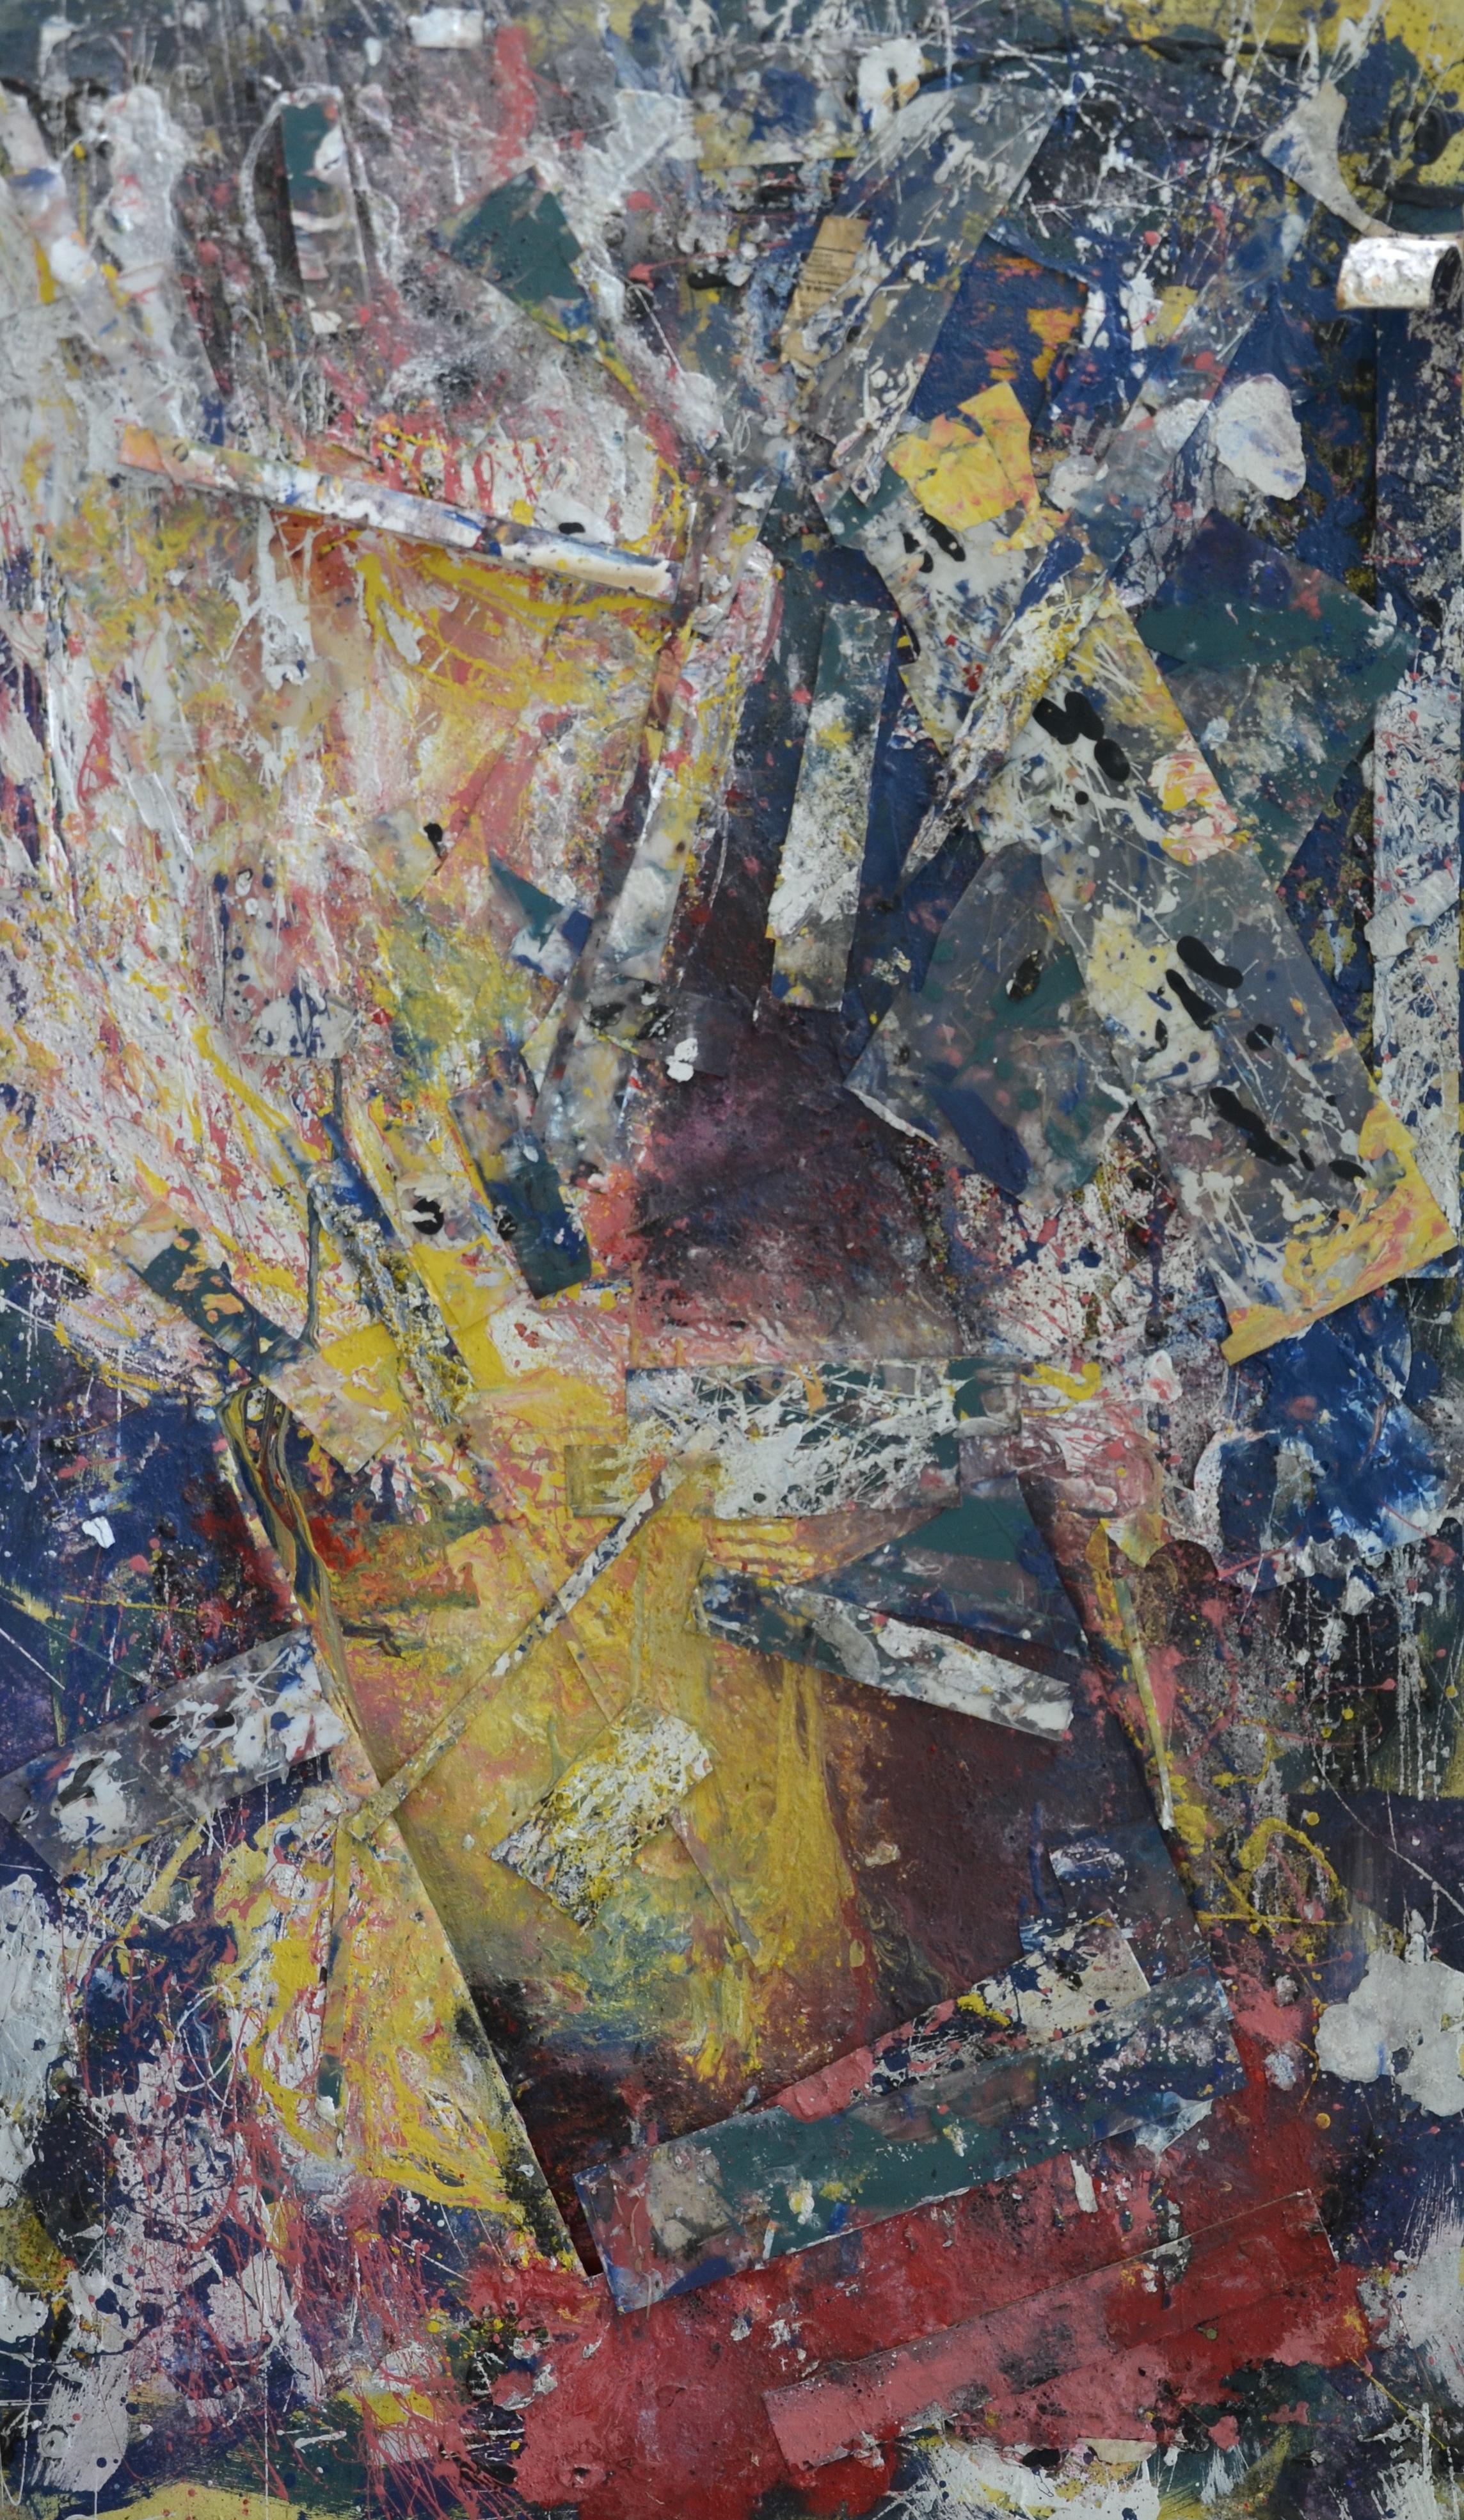 Gina Houston Lancaster, Mixed Media, 36 x 60, $2500_KFMG copy